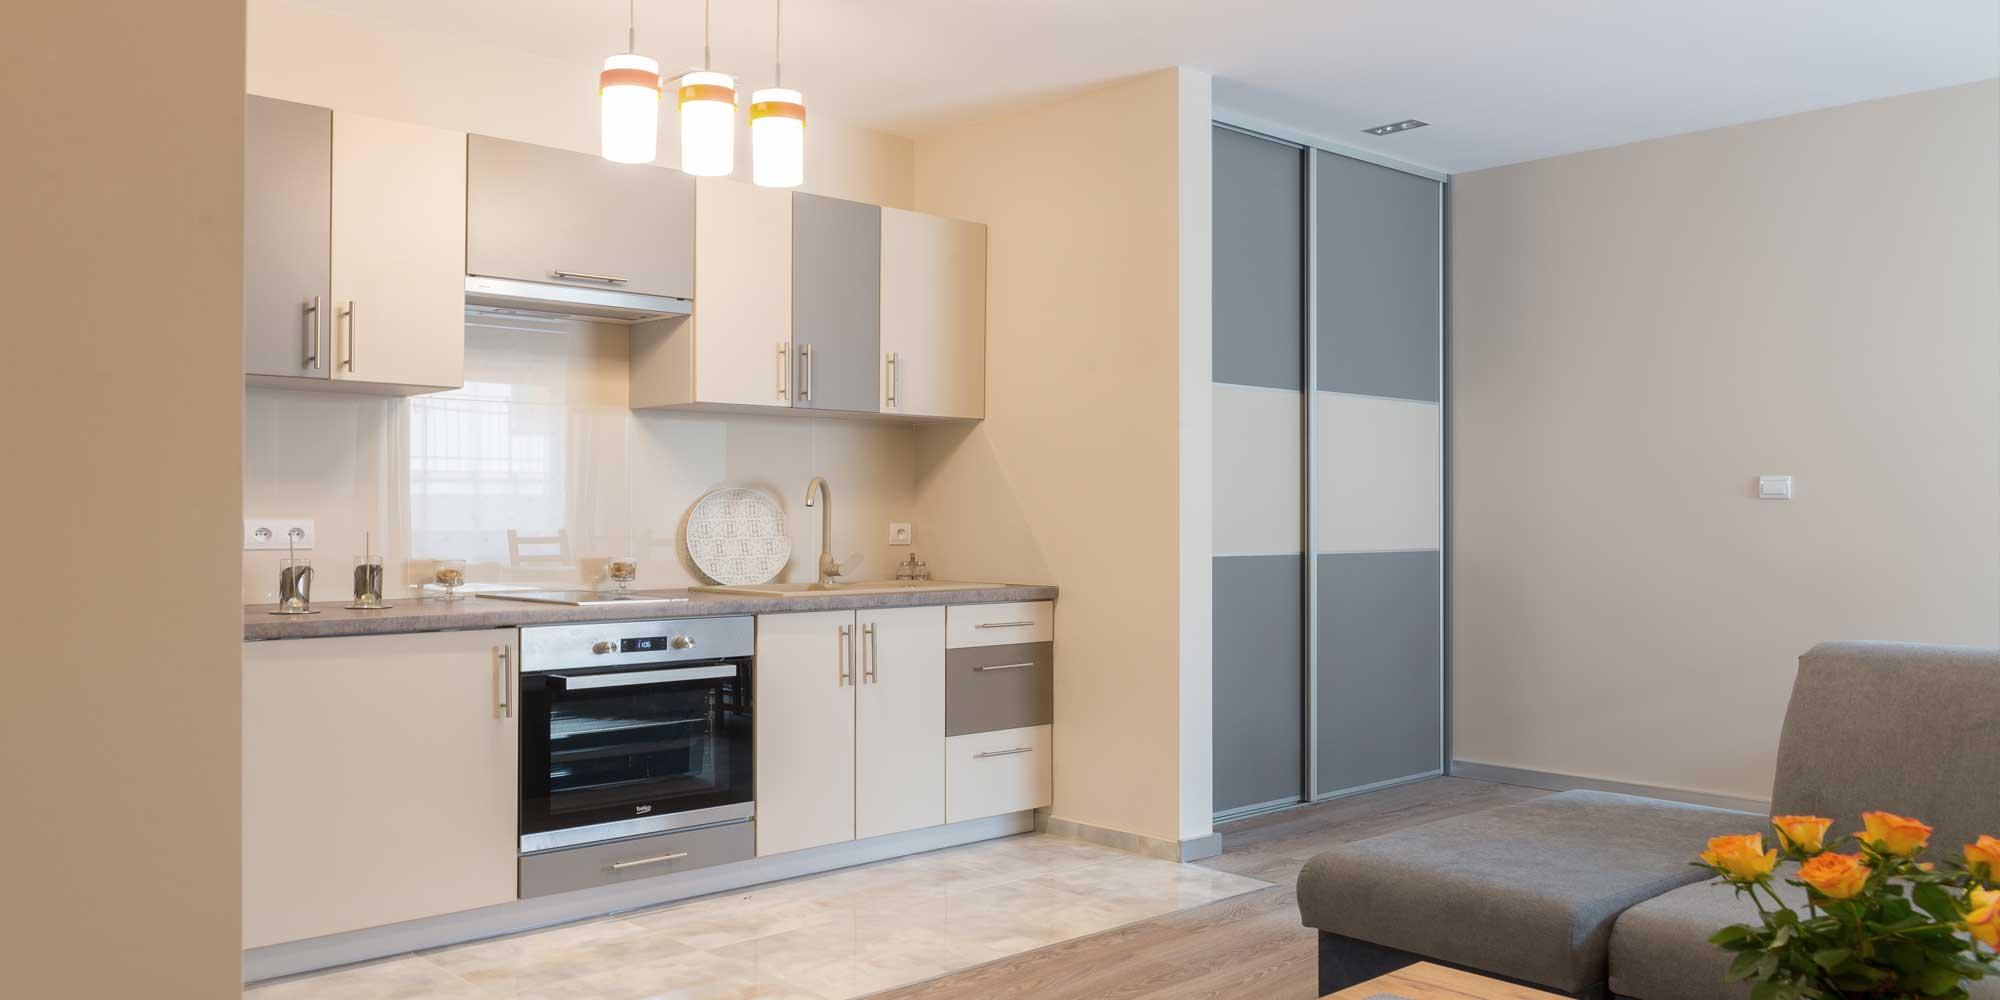 apartament_ustron_bez-klimatyzacji_salon_1